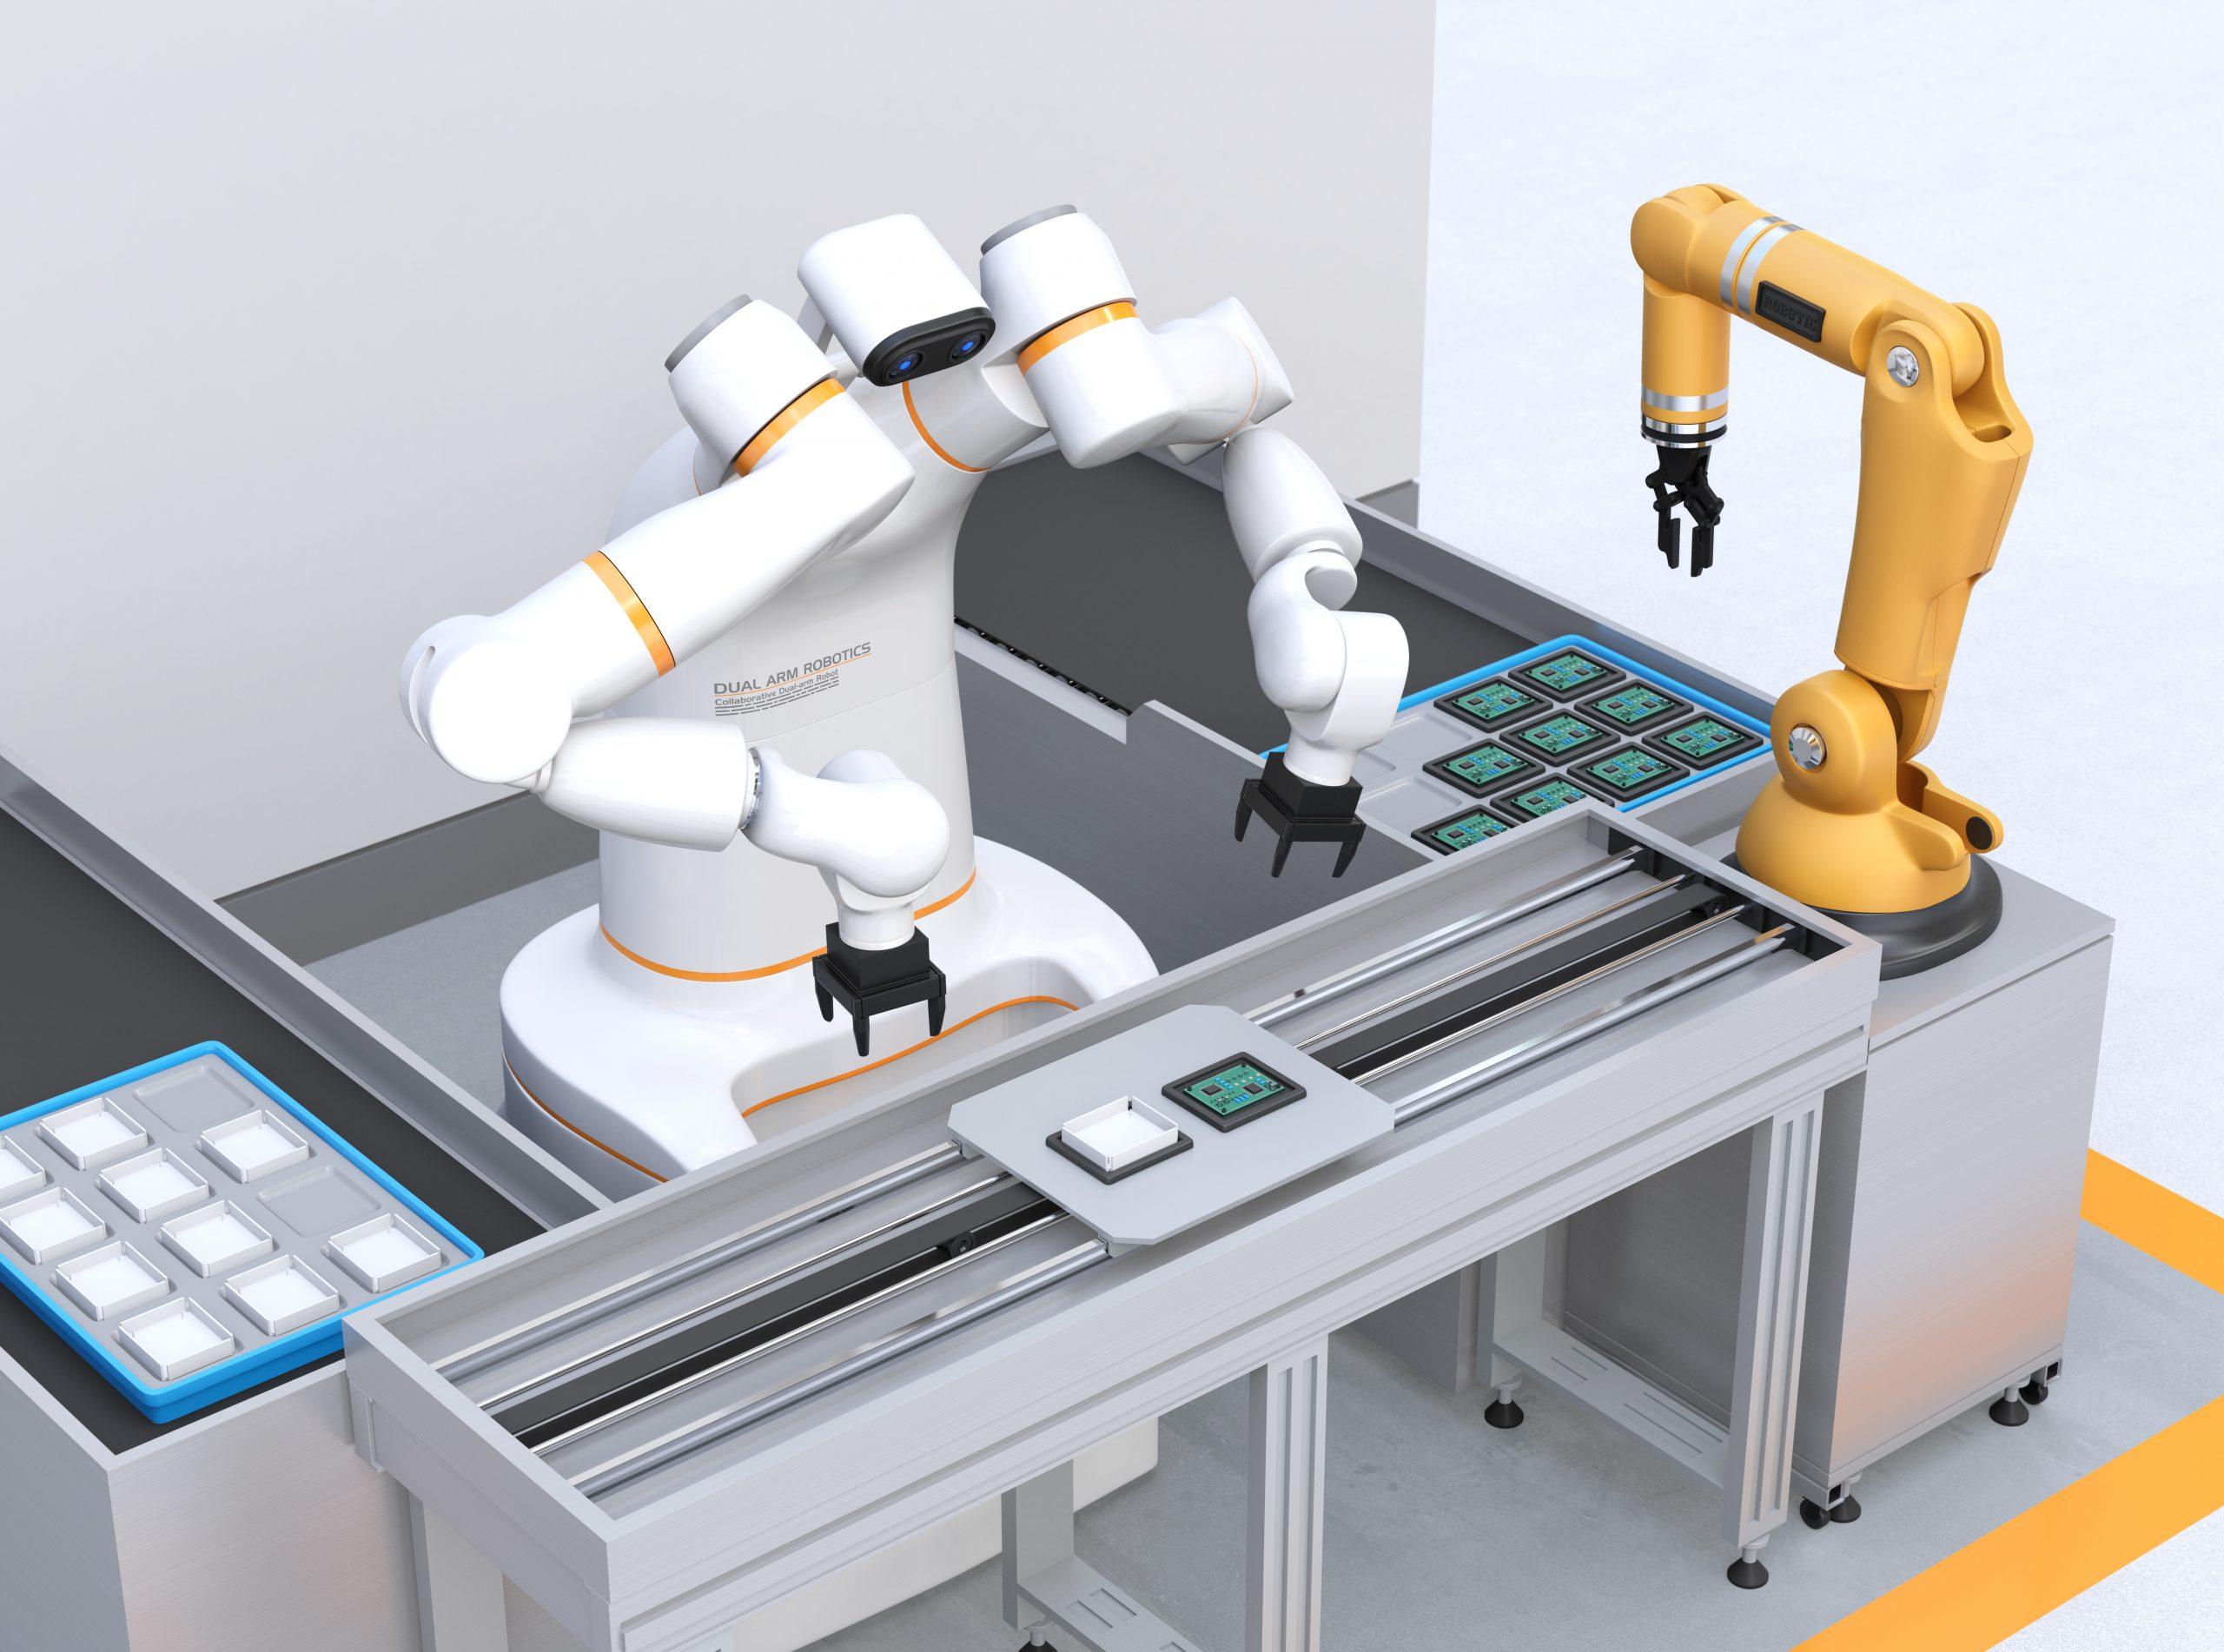 TechTalks: Smart und sicher – Zusammenarbeit von Mensch und Roboter